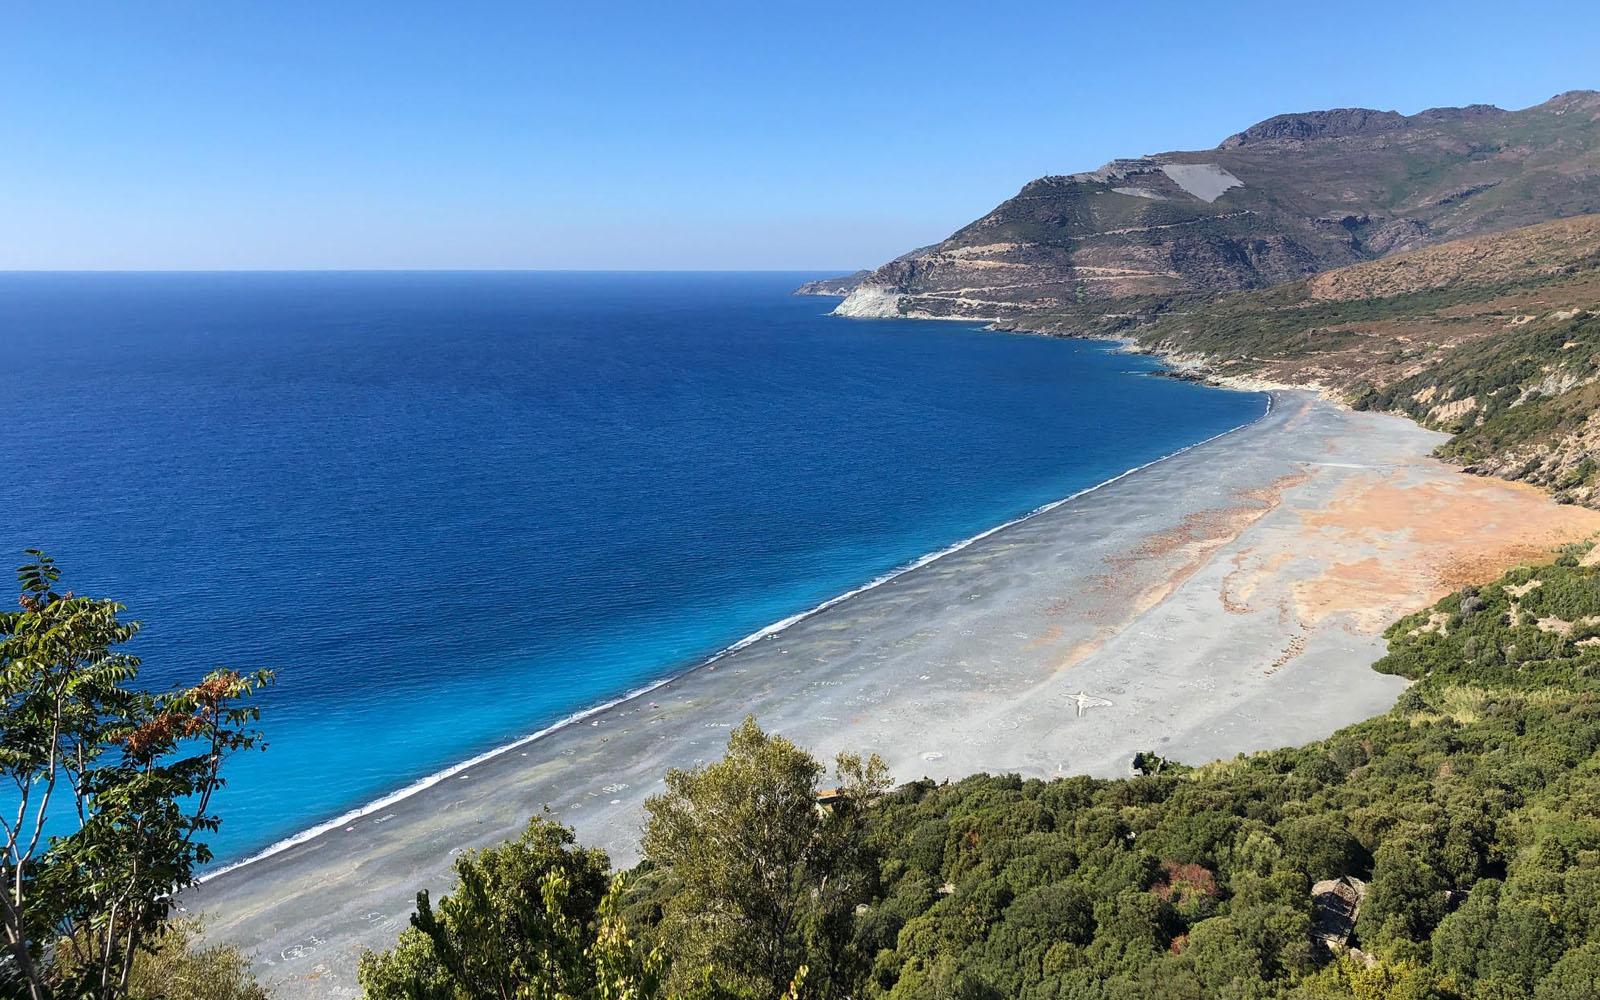 La suggestiva spiaggia nera di Nonza, pressoché deserta. © oltreilbalcone